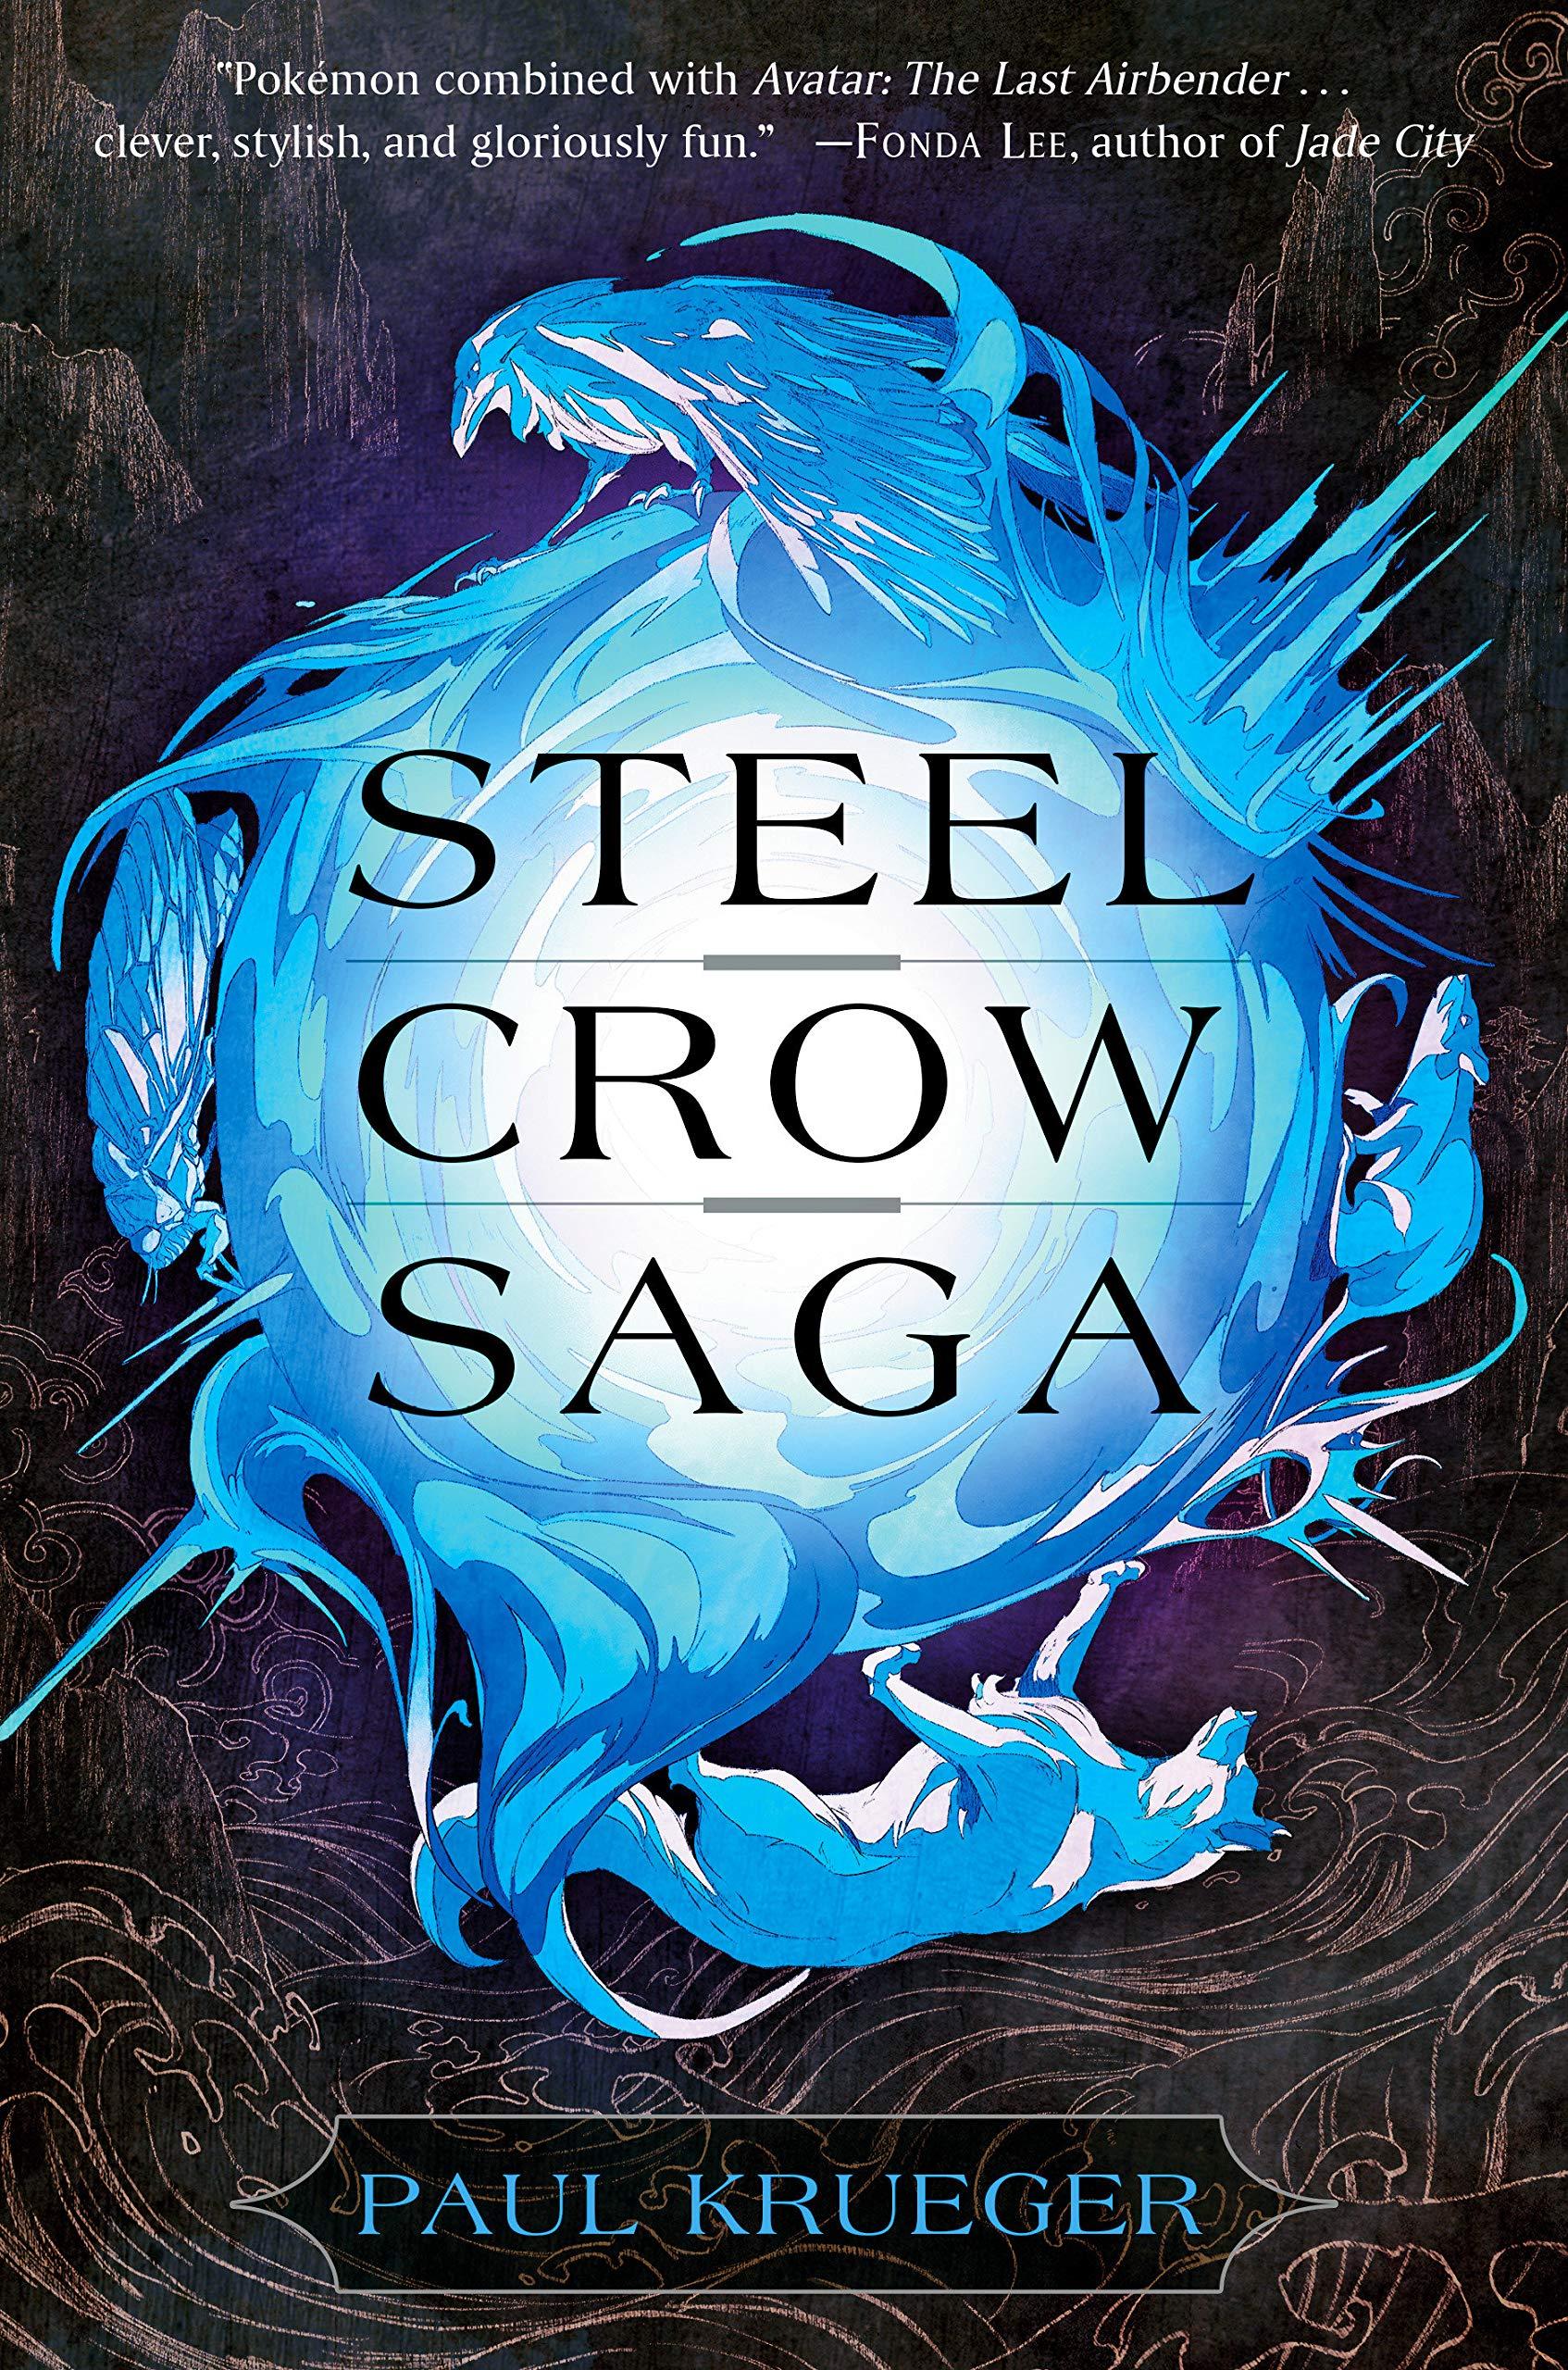 Amazon.com: Steel Crow Saga (9780593128220): Krueger, Paul: Books